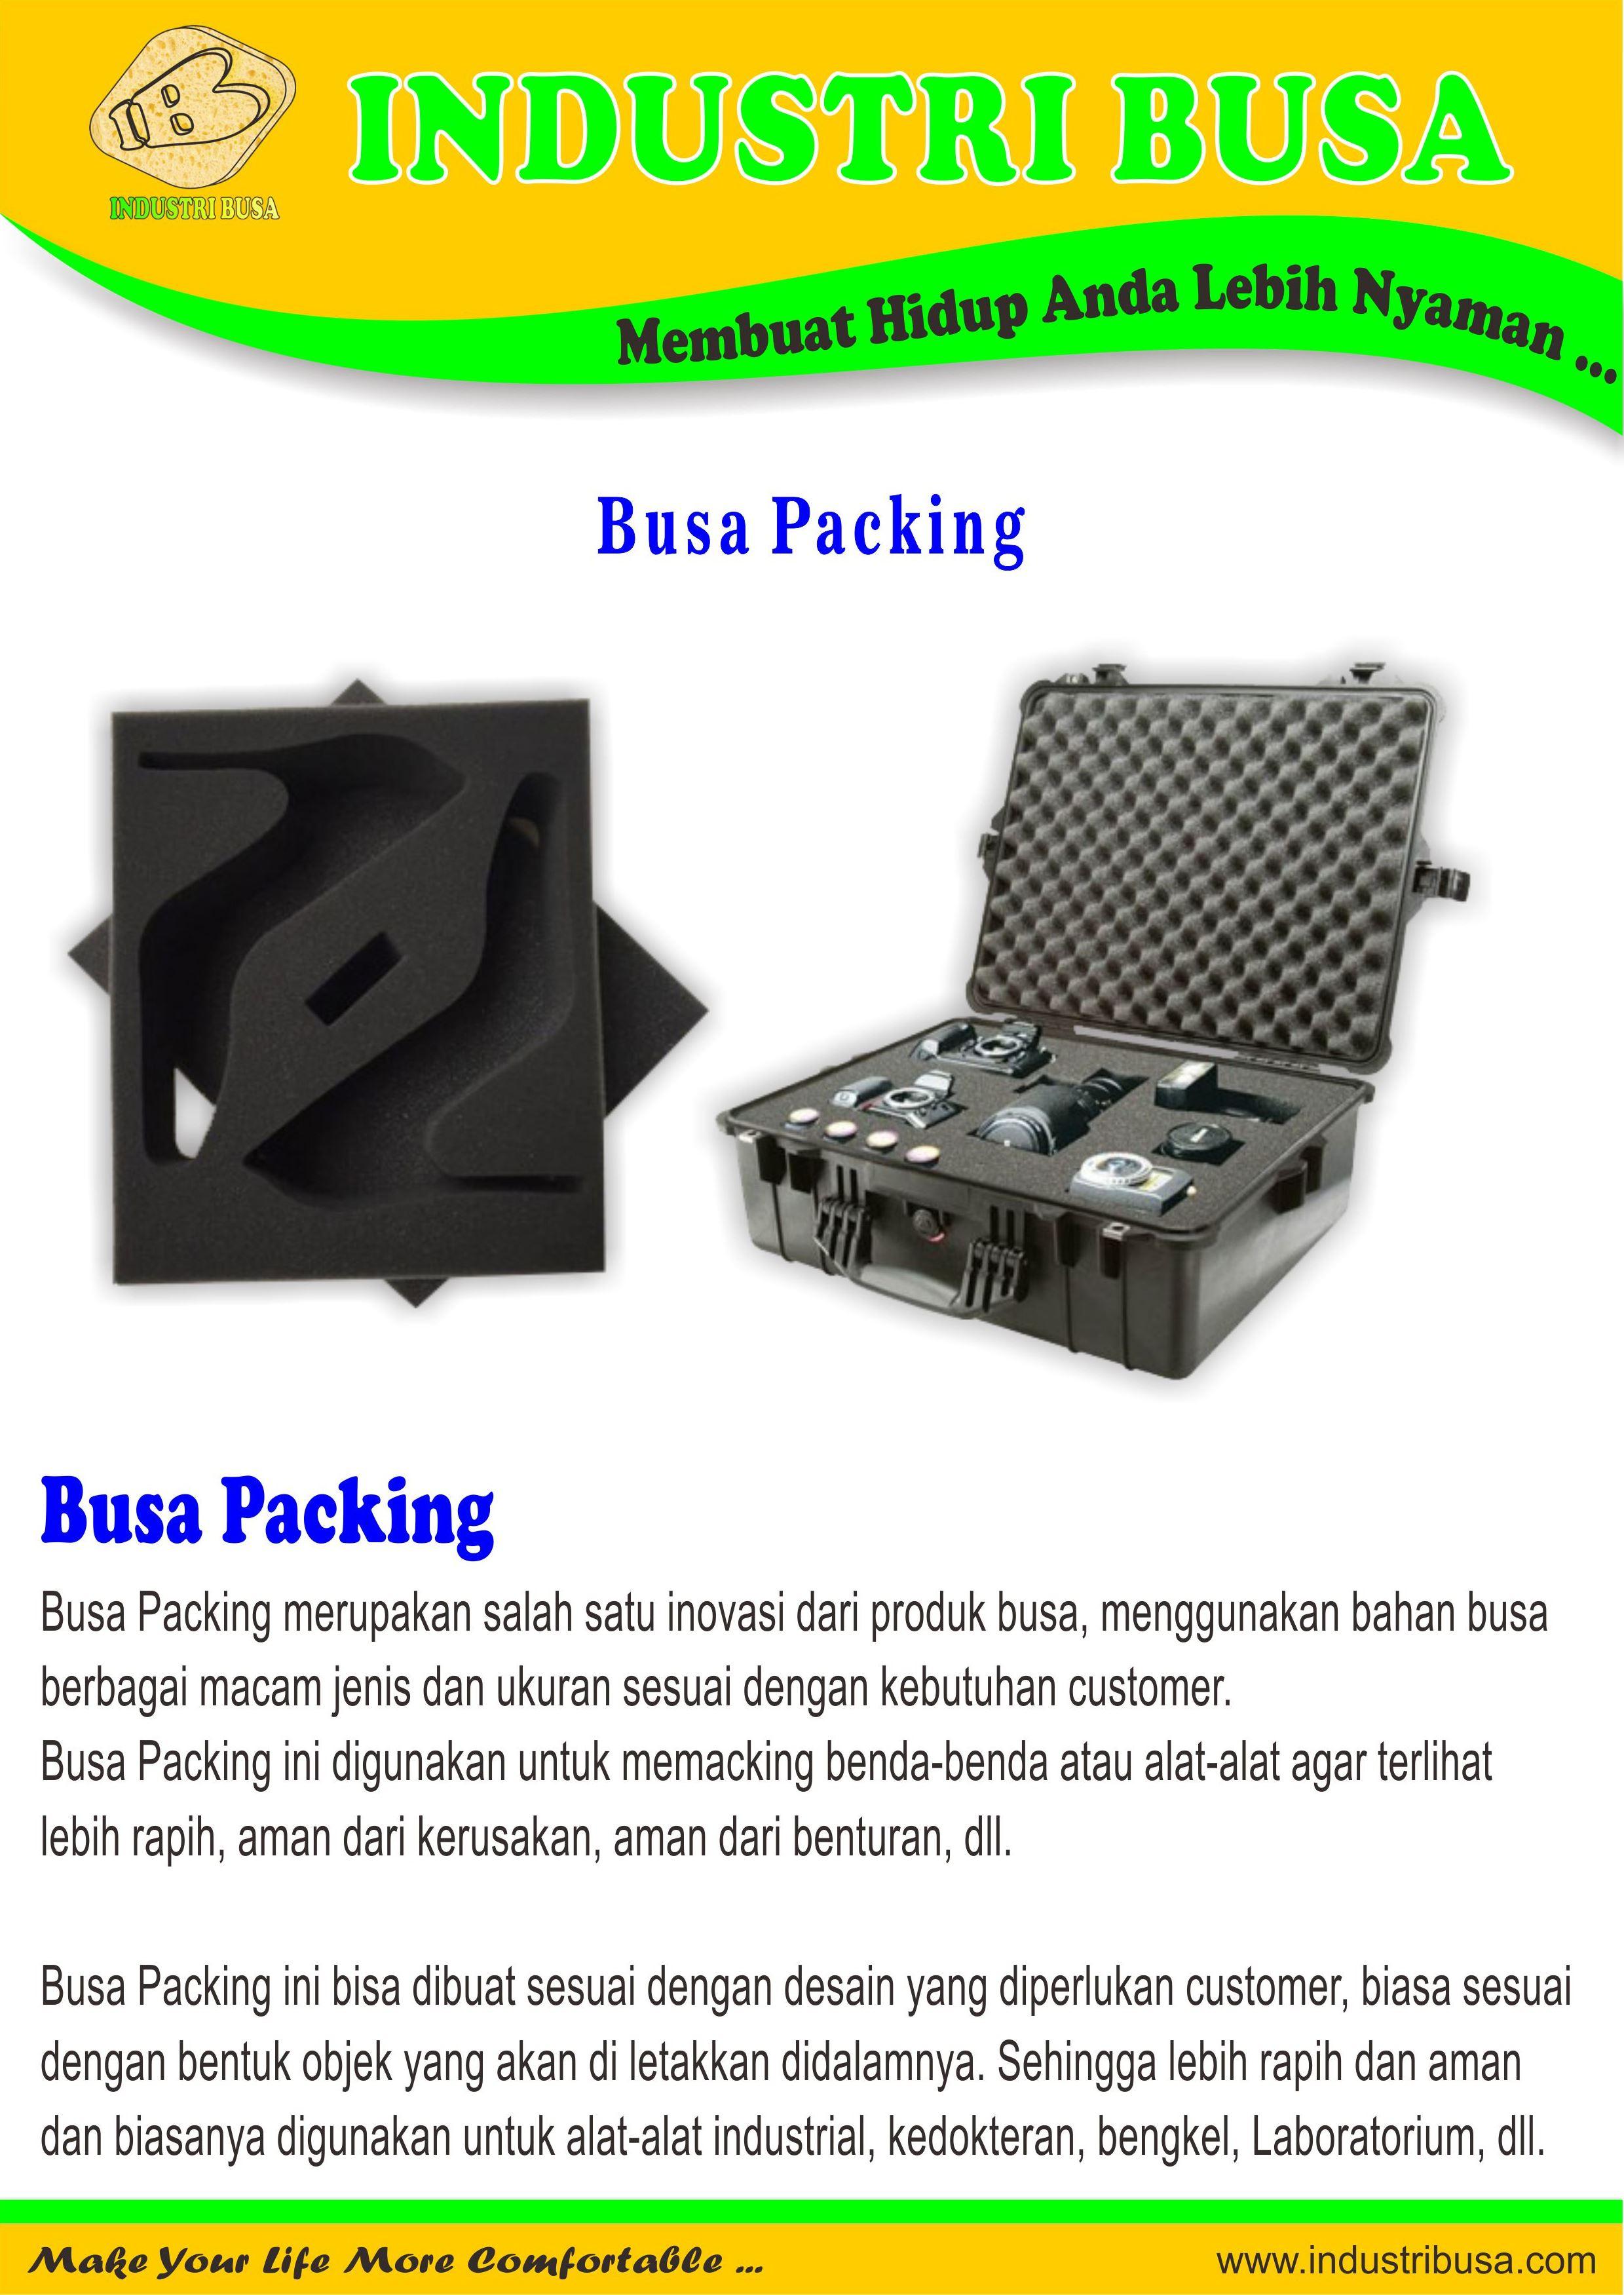 Busa Packing